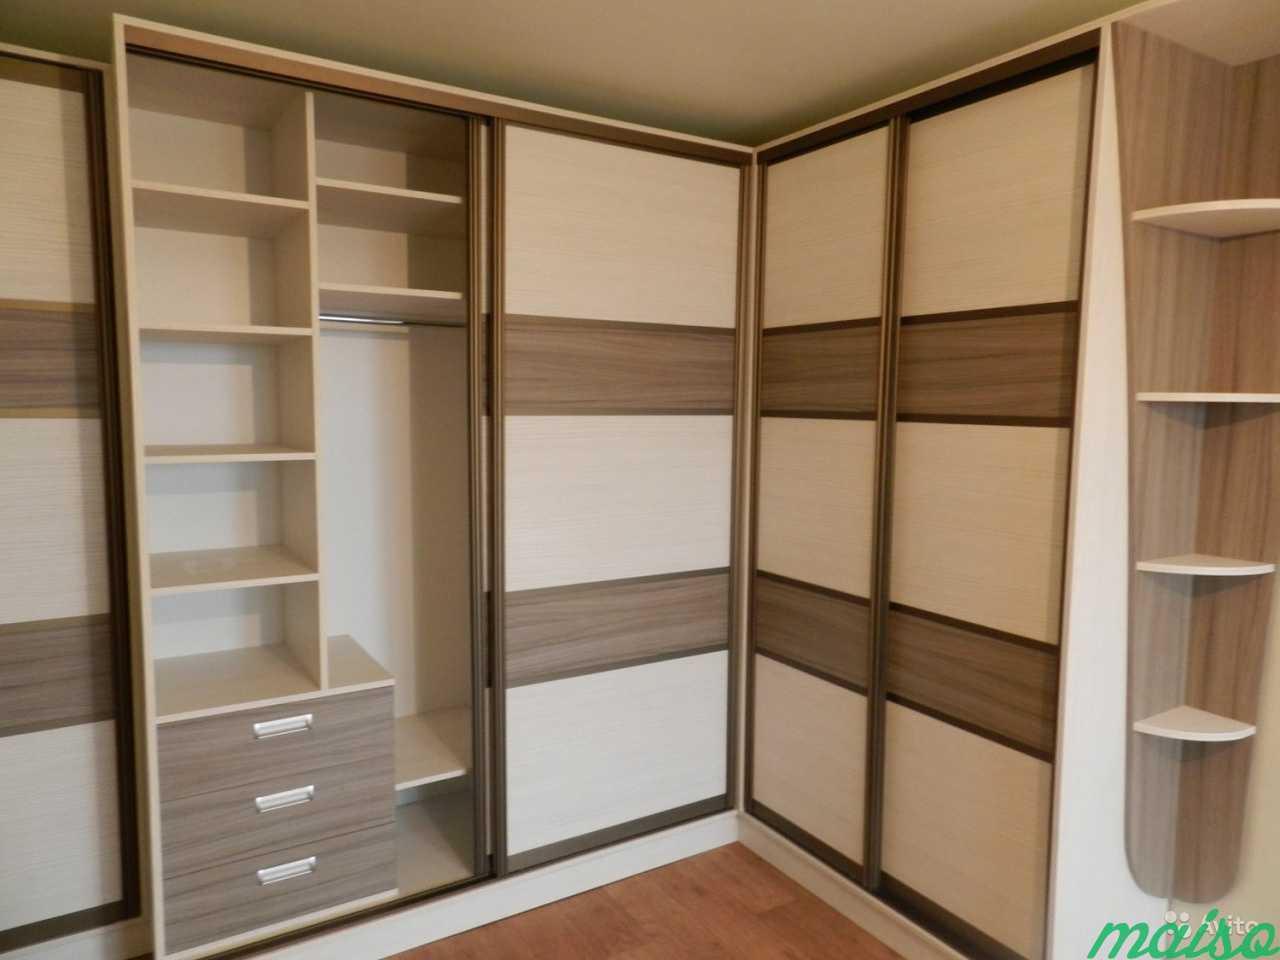 Шкаф-купе комфорт и любые шкафы под заказ в Москве. Фото 9